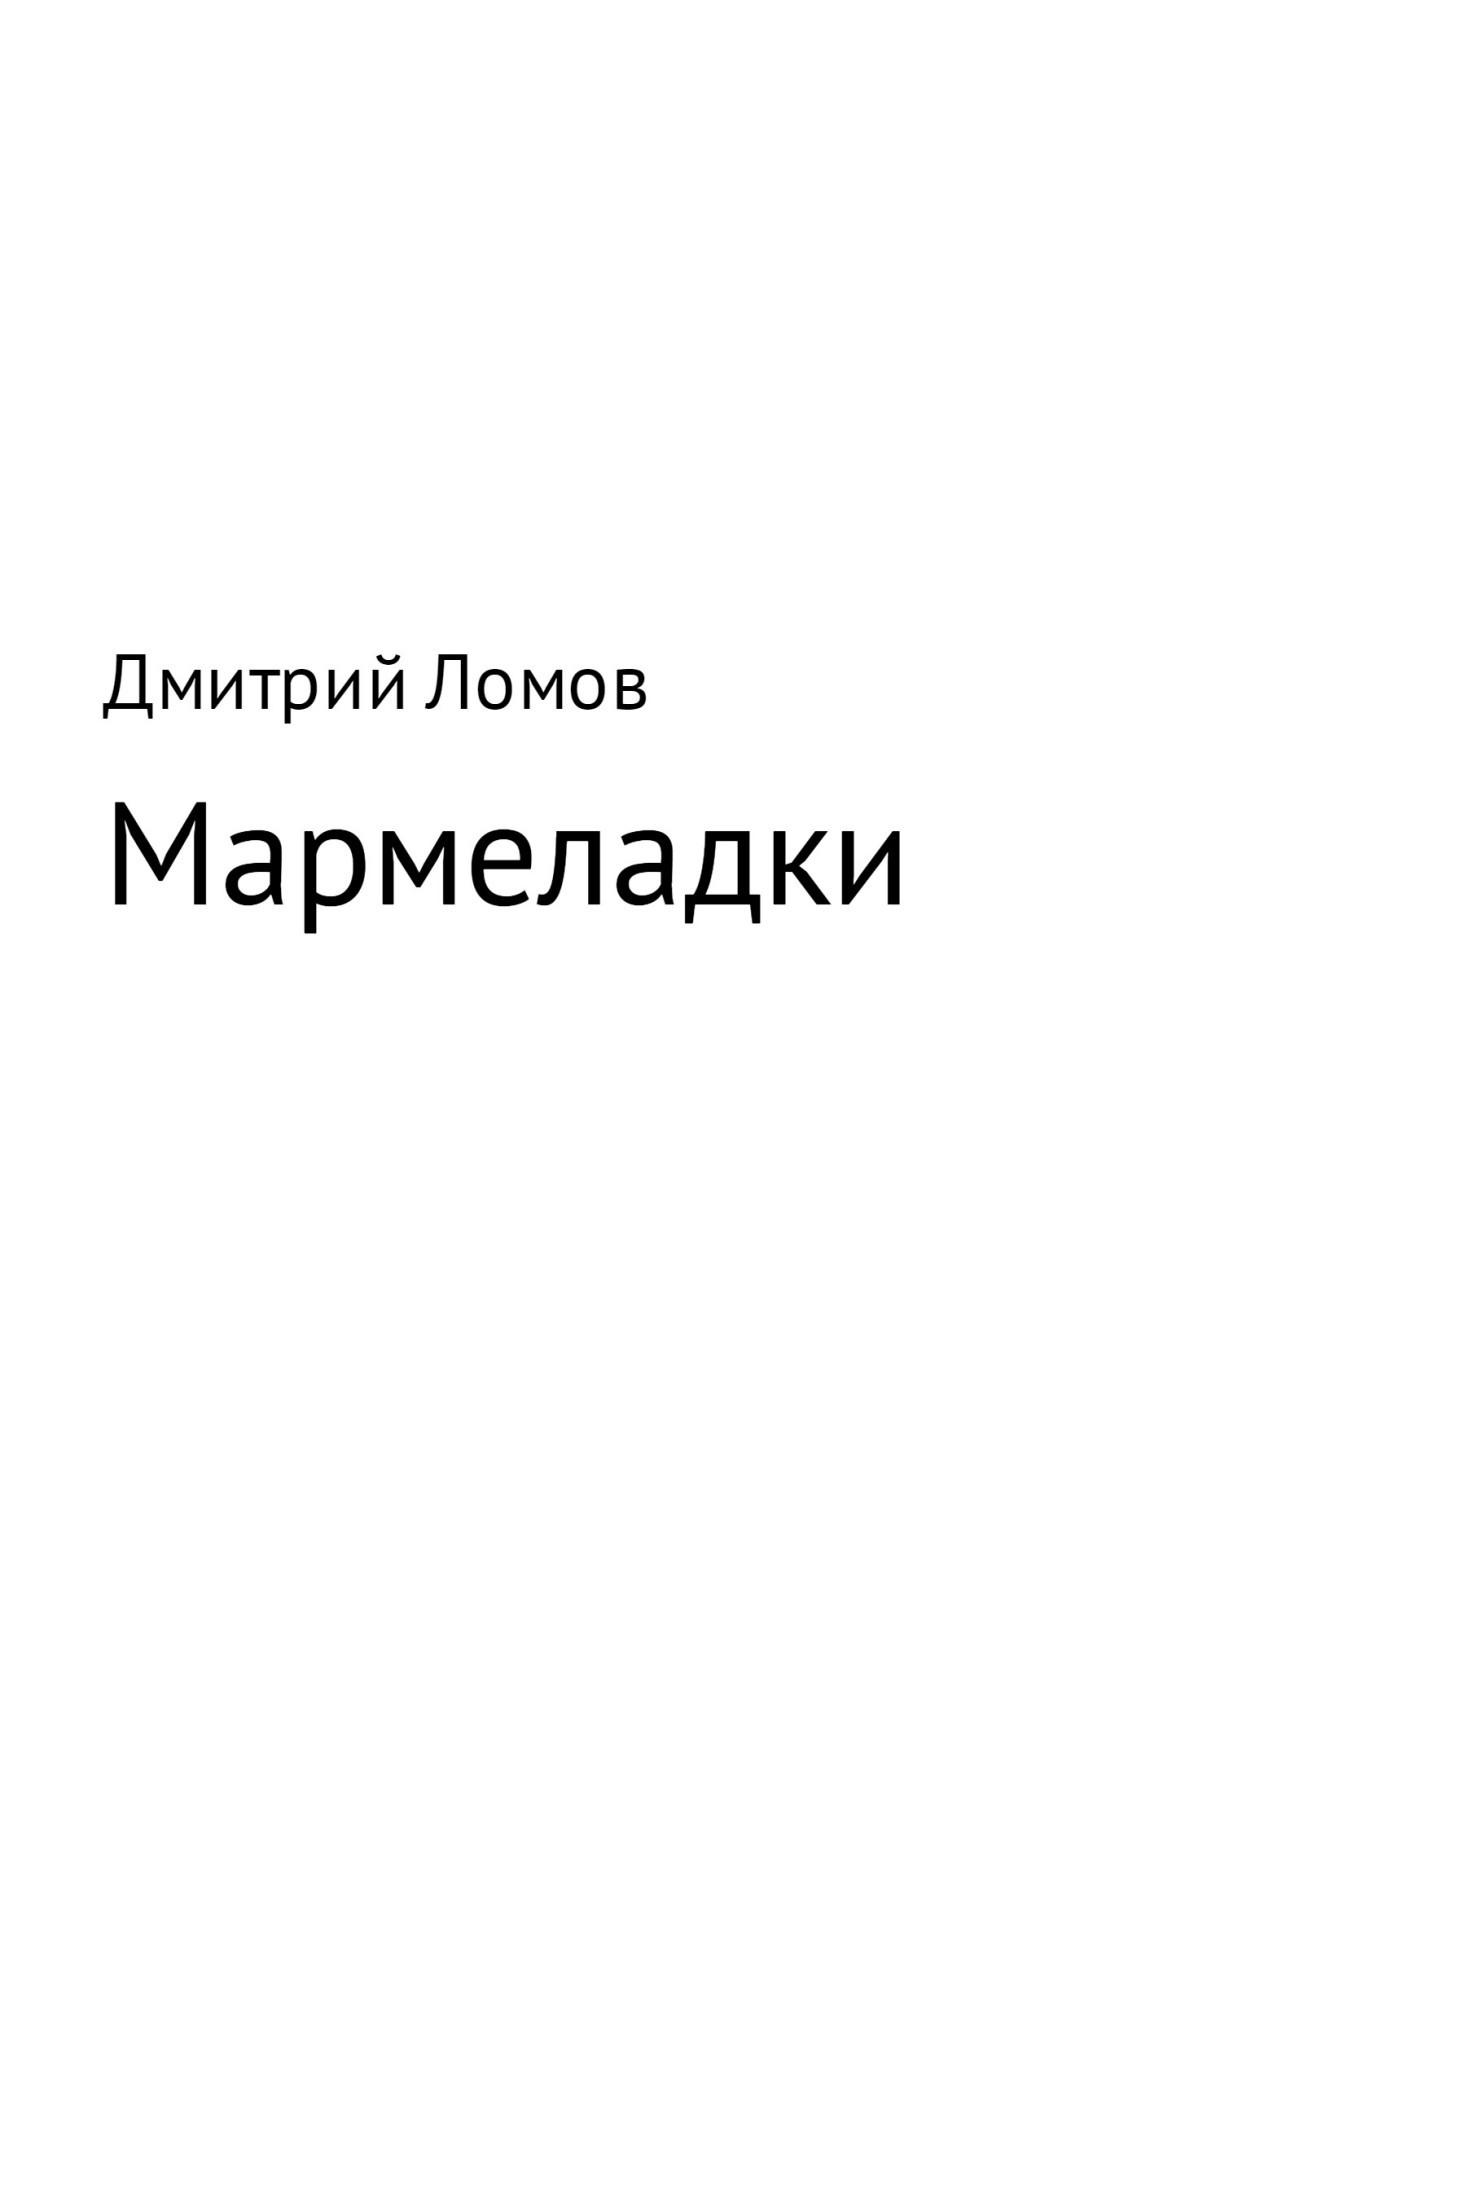 Дмитрий Ломов Мармеладки бело а адреса любви записки дамы из среднего сословия только для взрослых